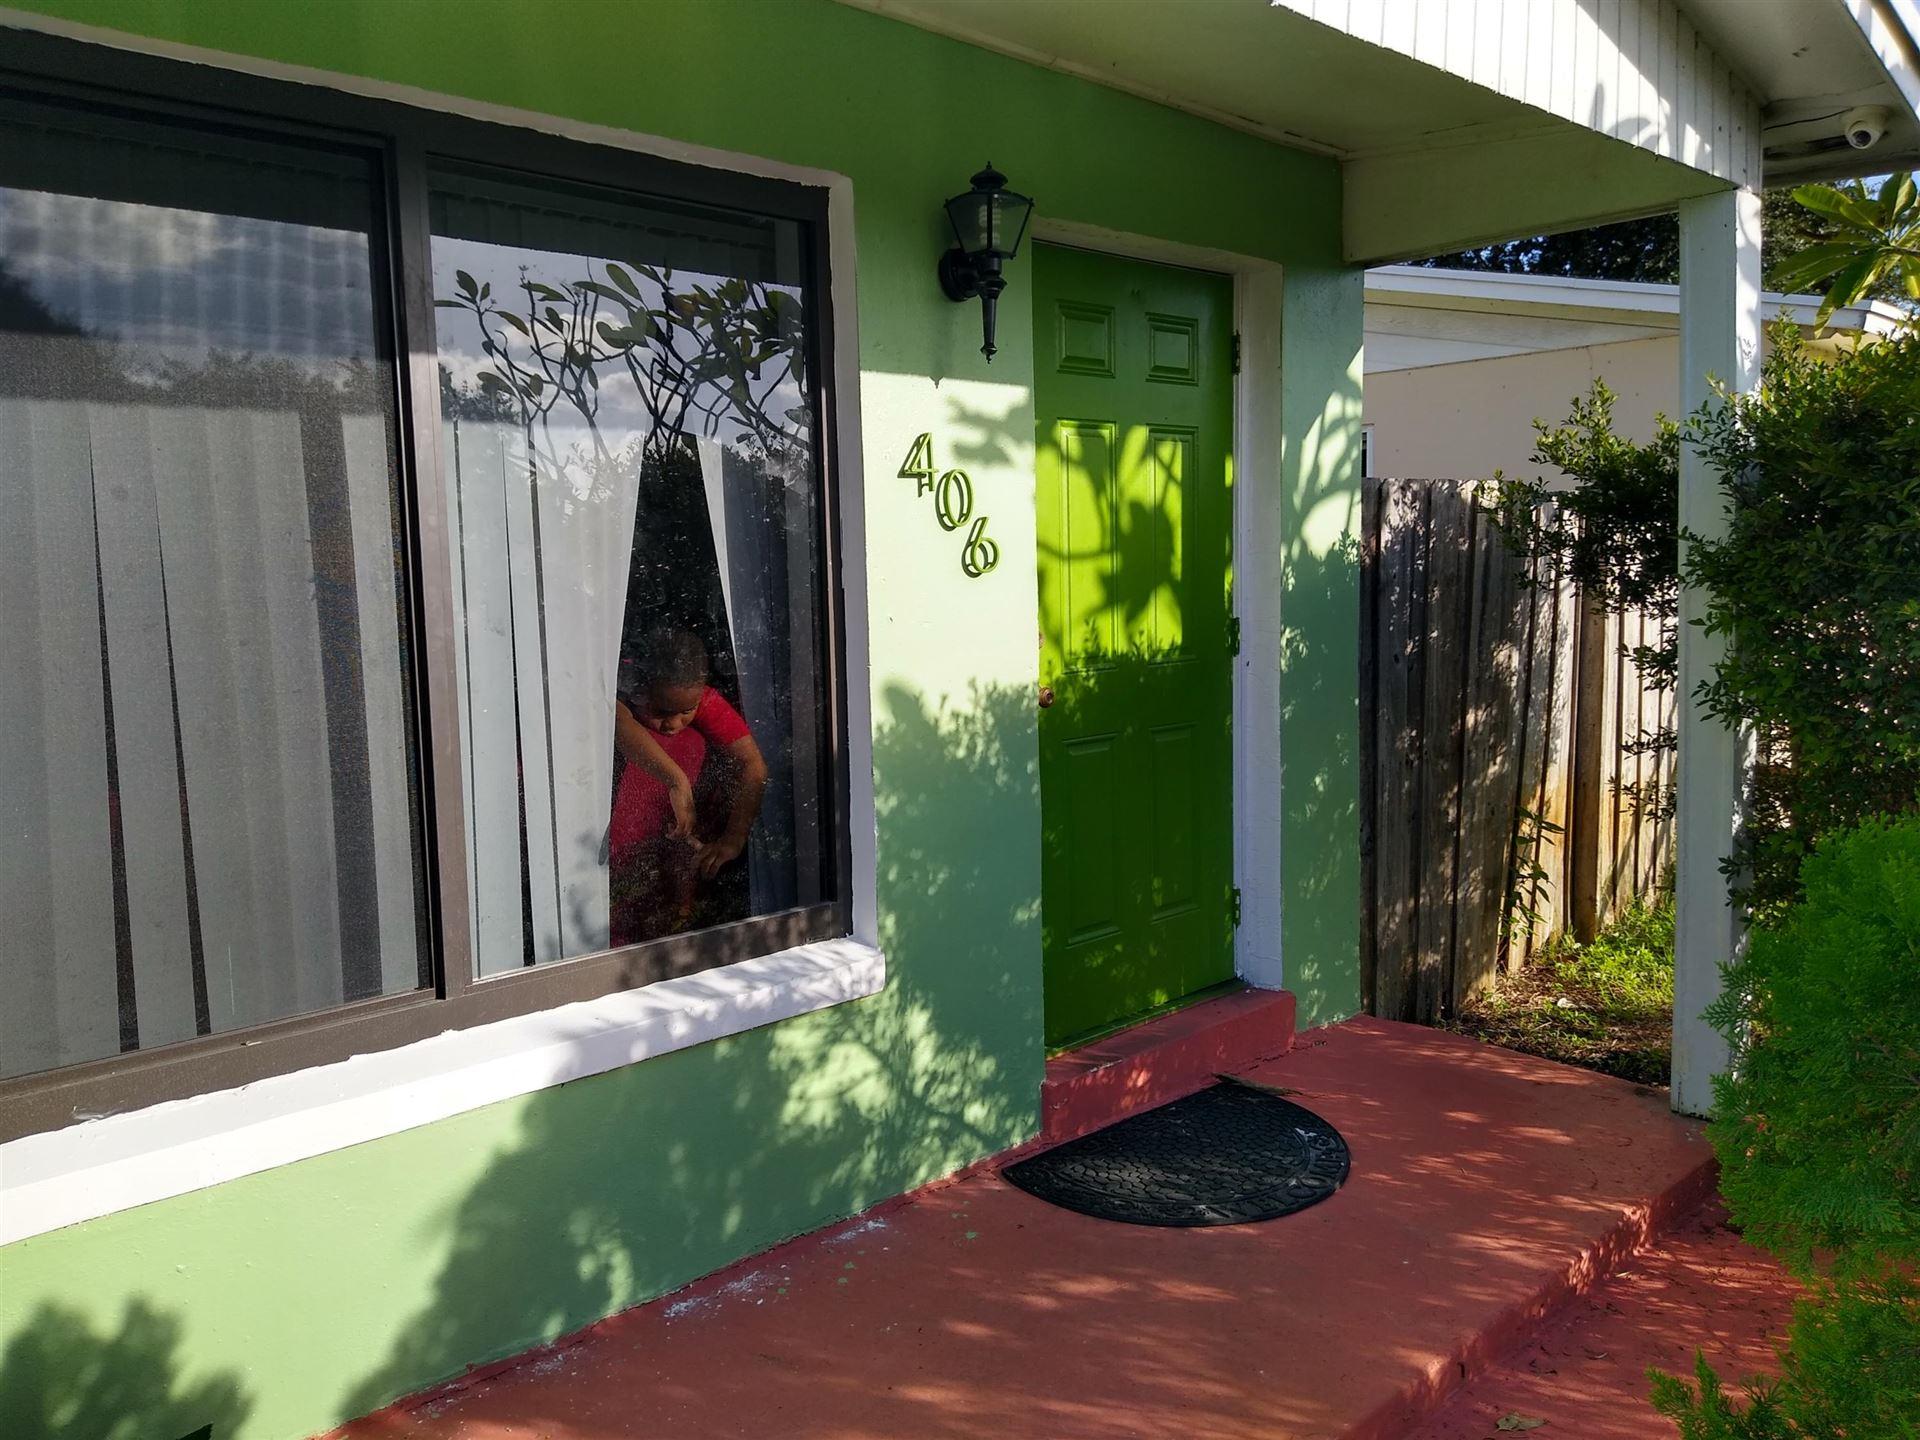 406 NW 2nd St, Boynton Beach, FL 33435 - #: RX-10667588